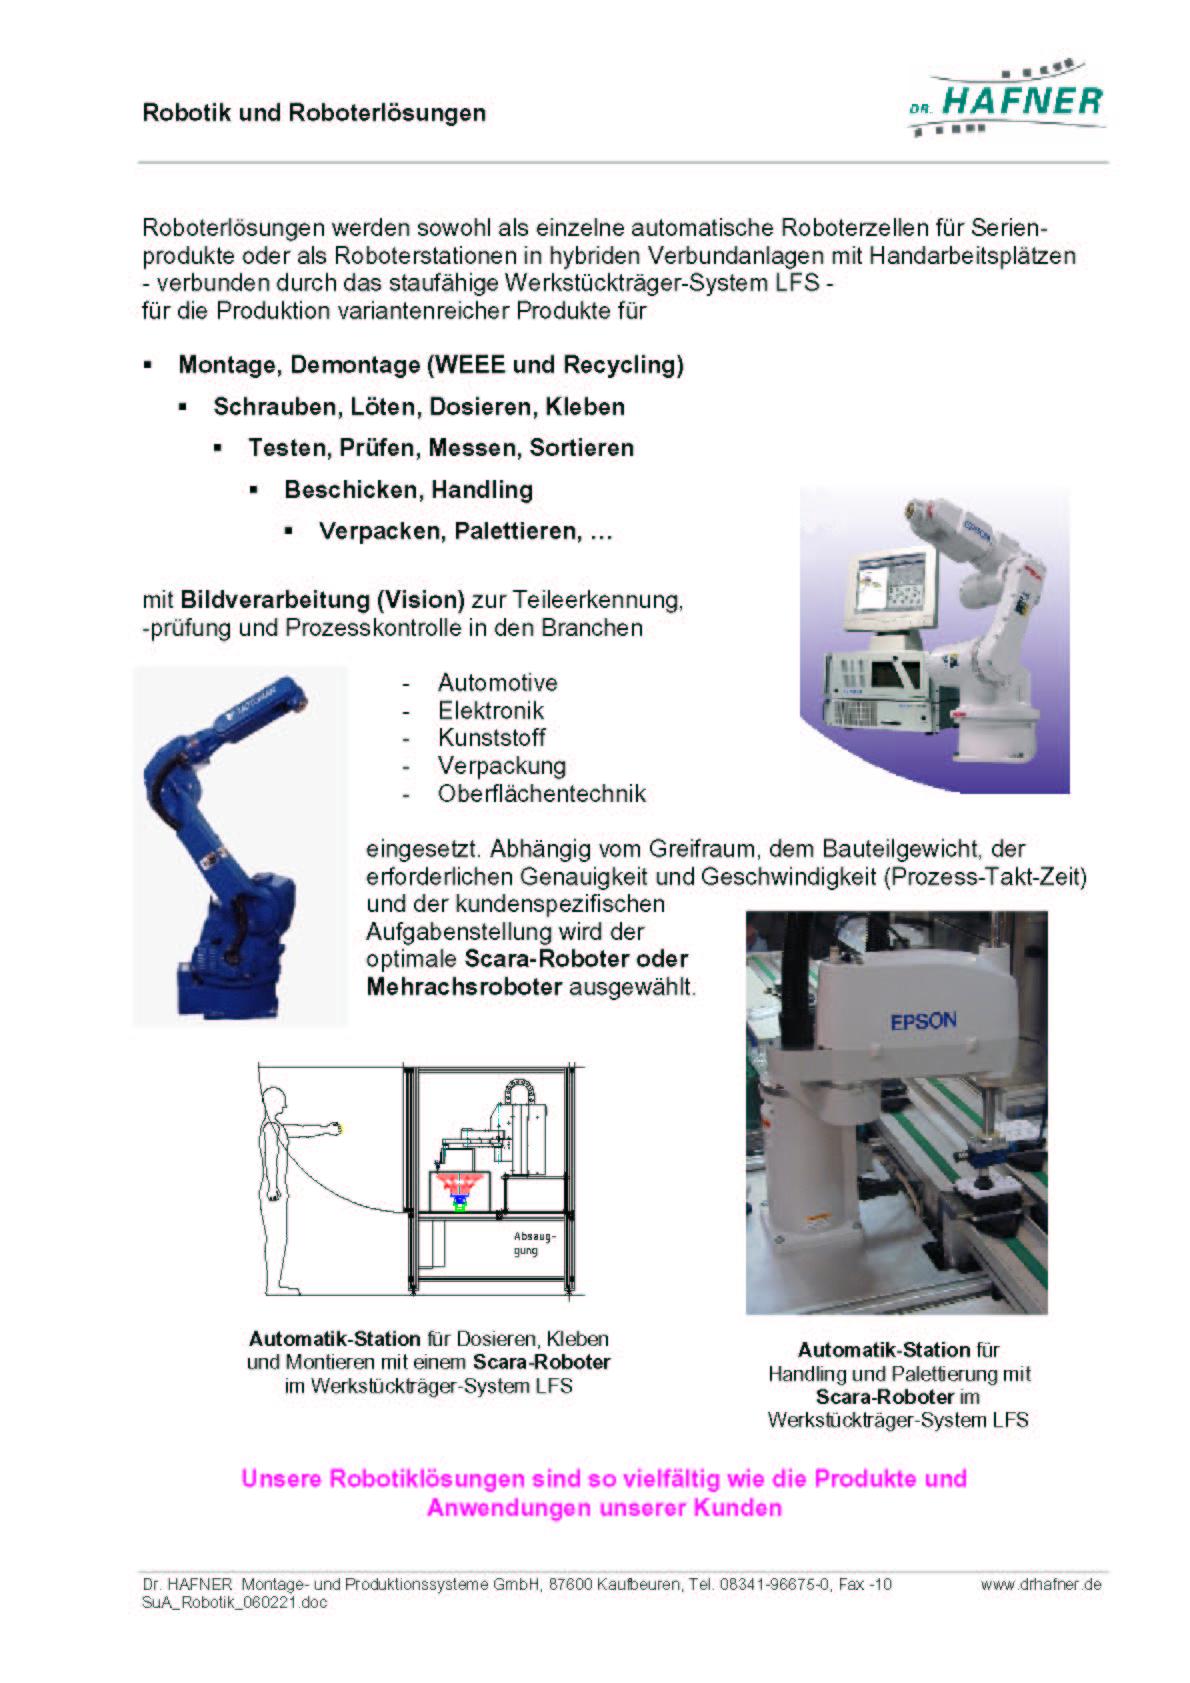 Dr. HAFNER_PKWP_57 Robotik Montage Vision Epson